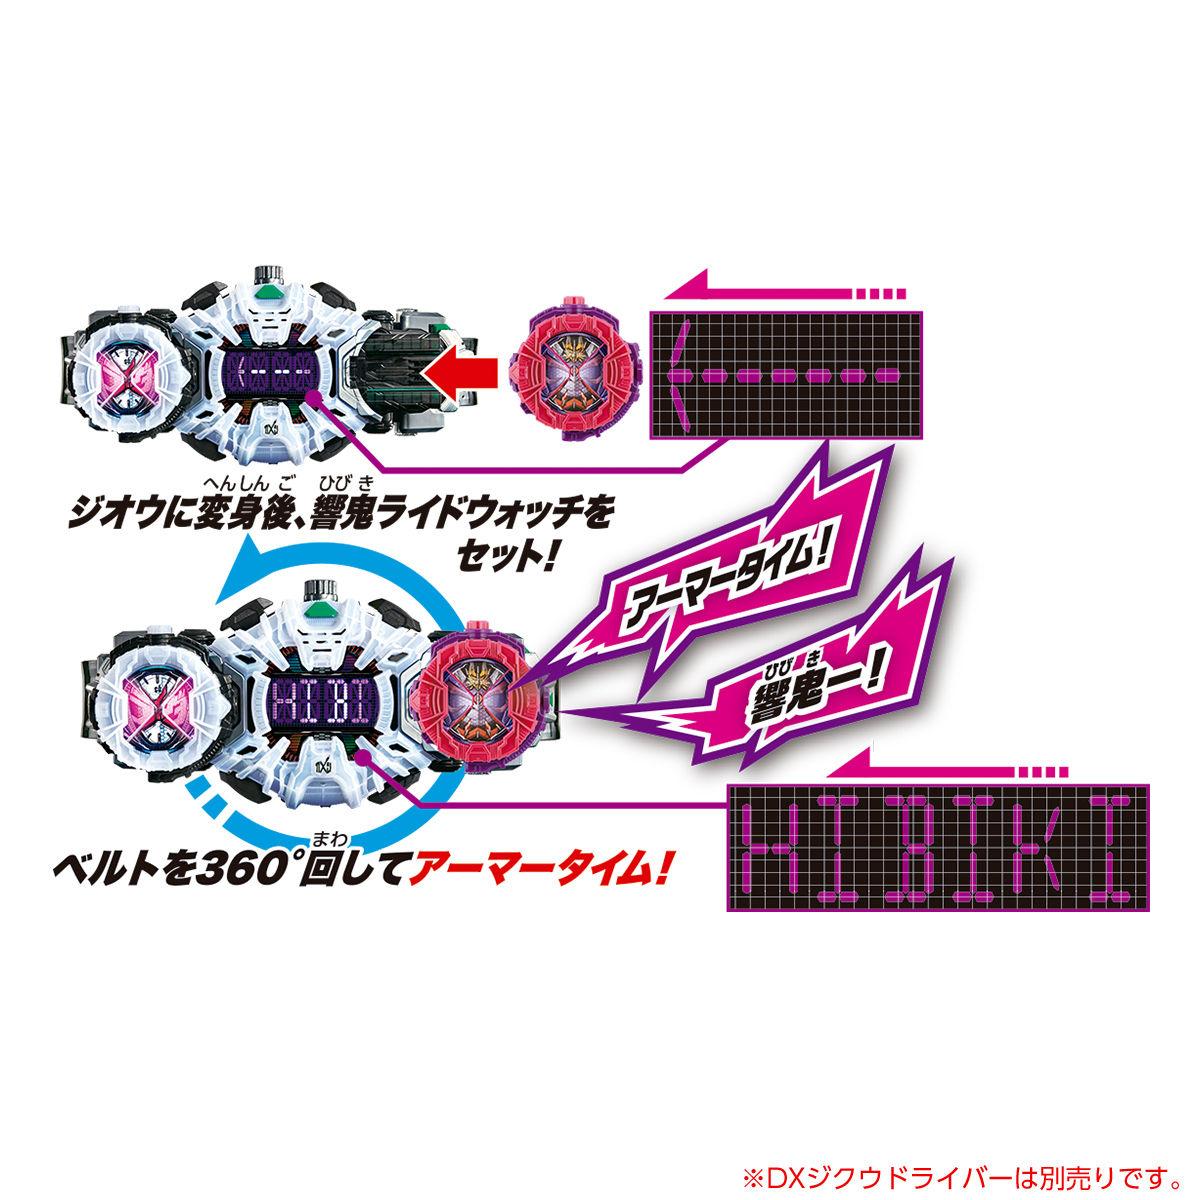 仮面ライダージオウ『DX響鬼ライドウォッチ』変身なりきり-006